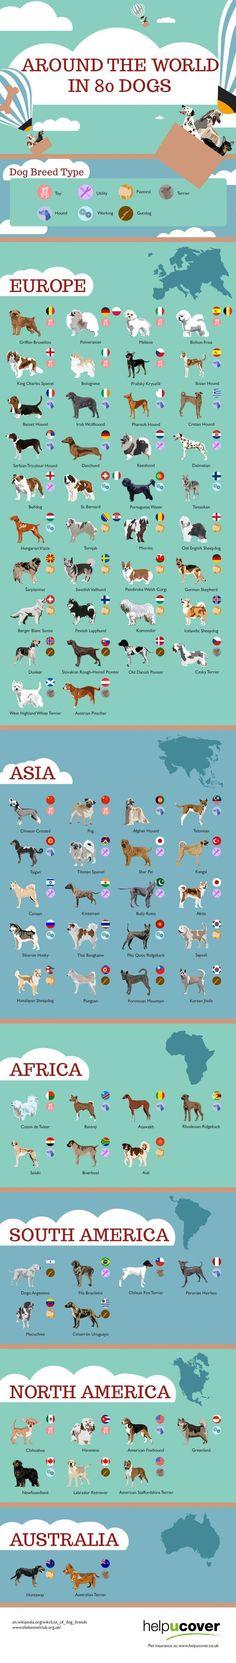 Some useful dog infographics